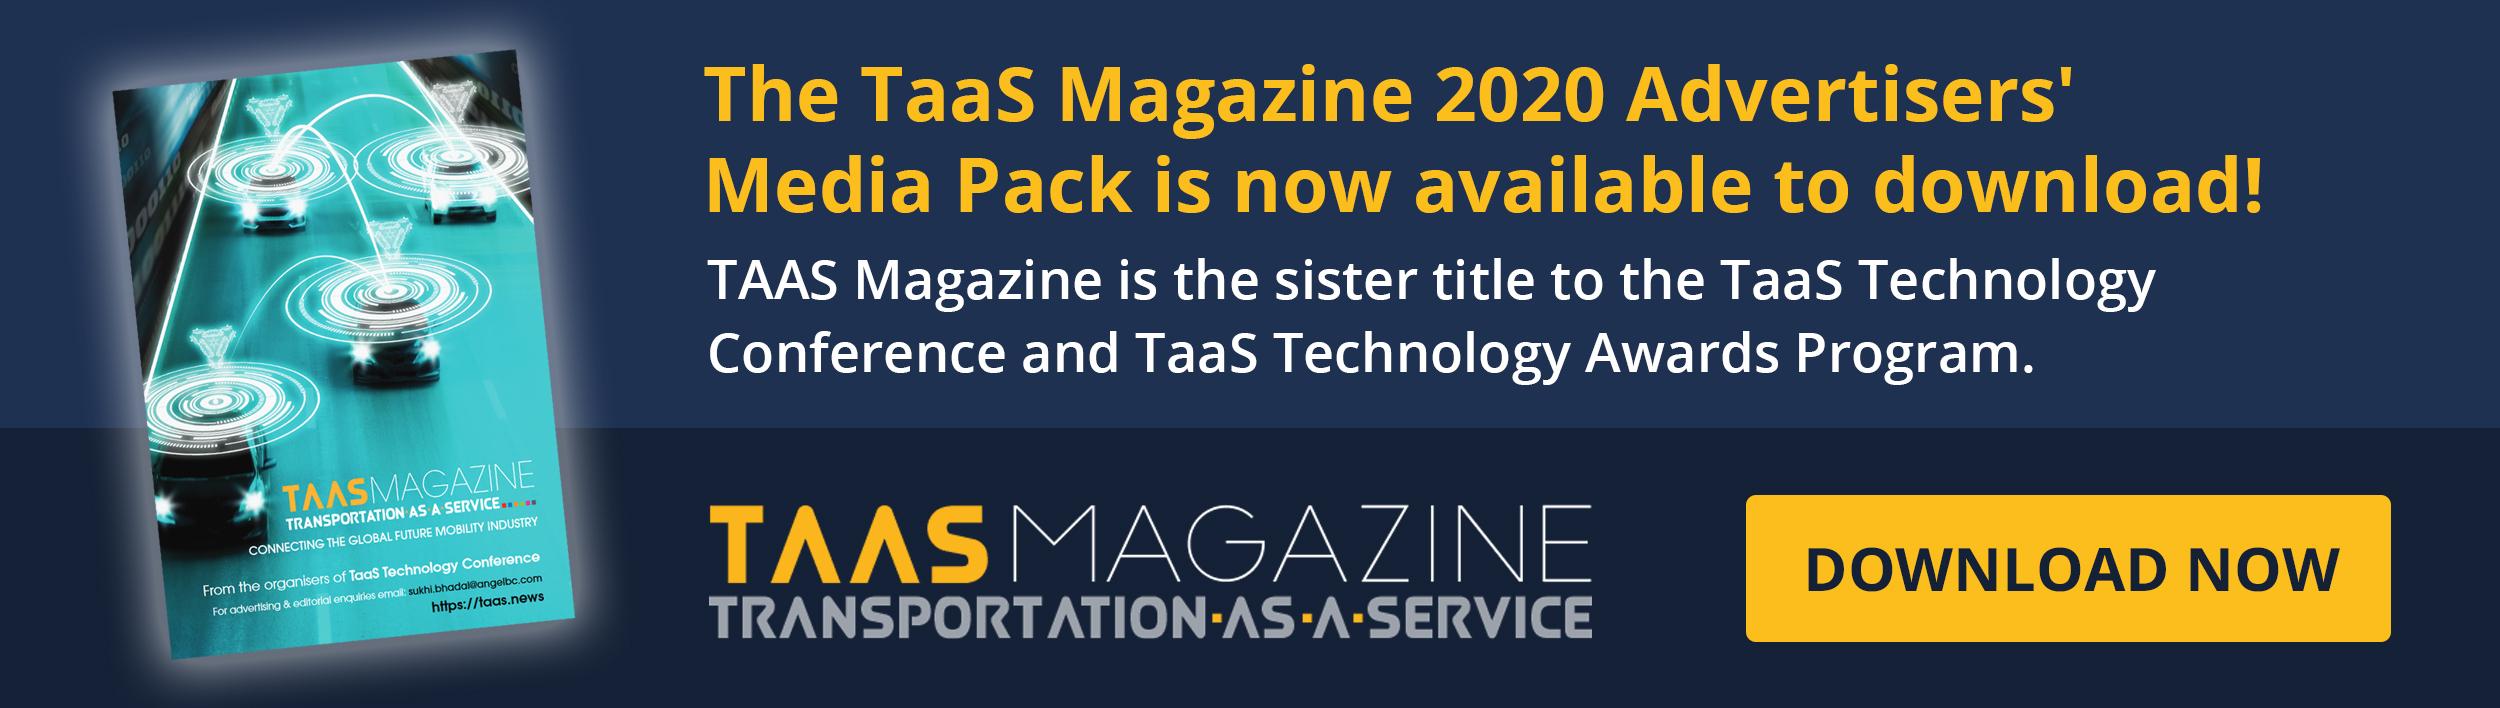 TaaS Magazine